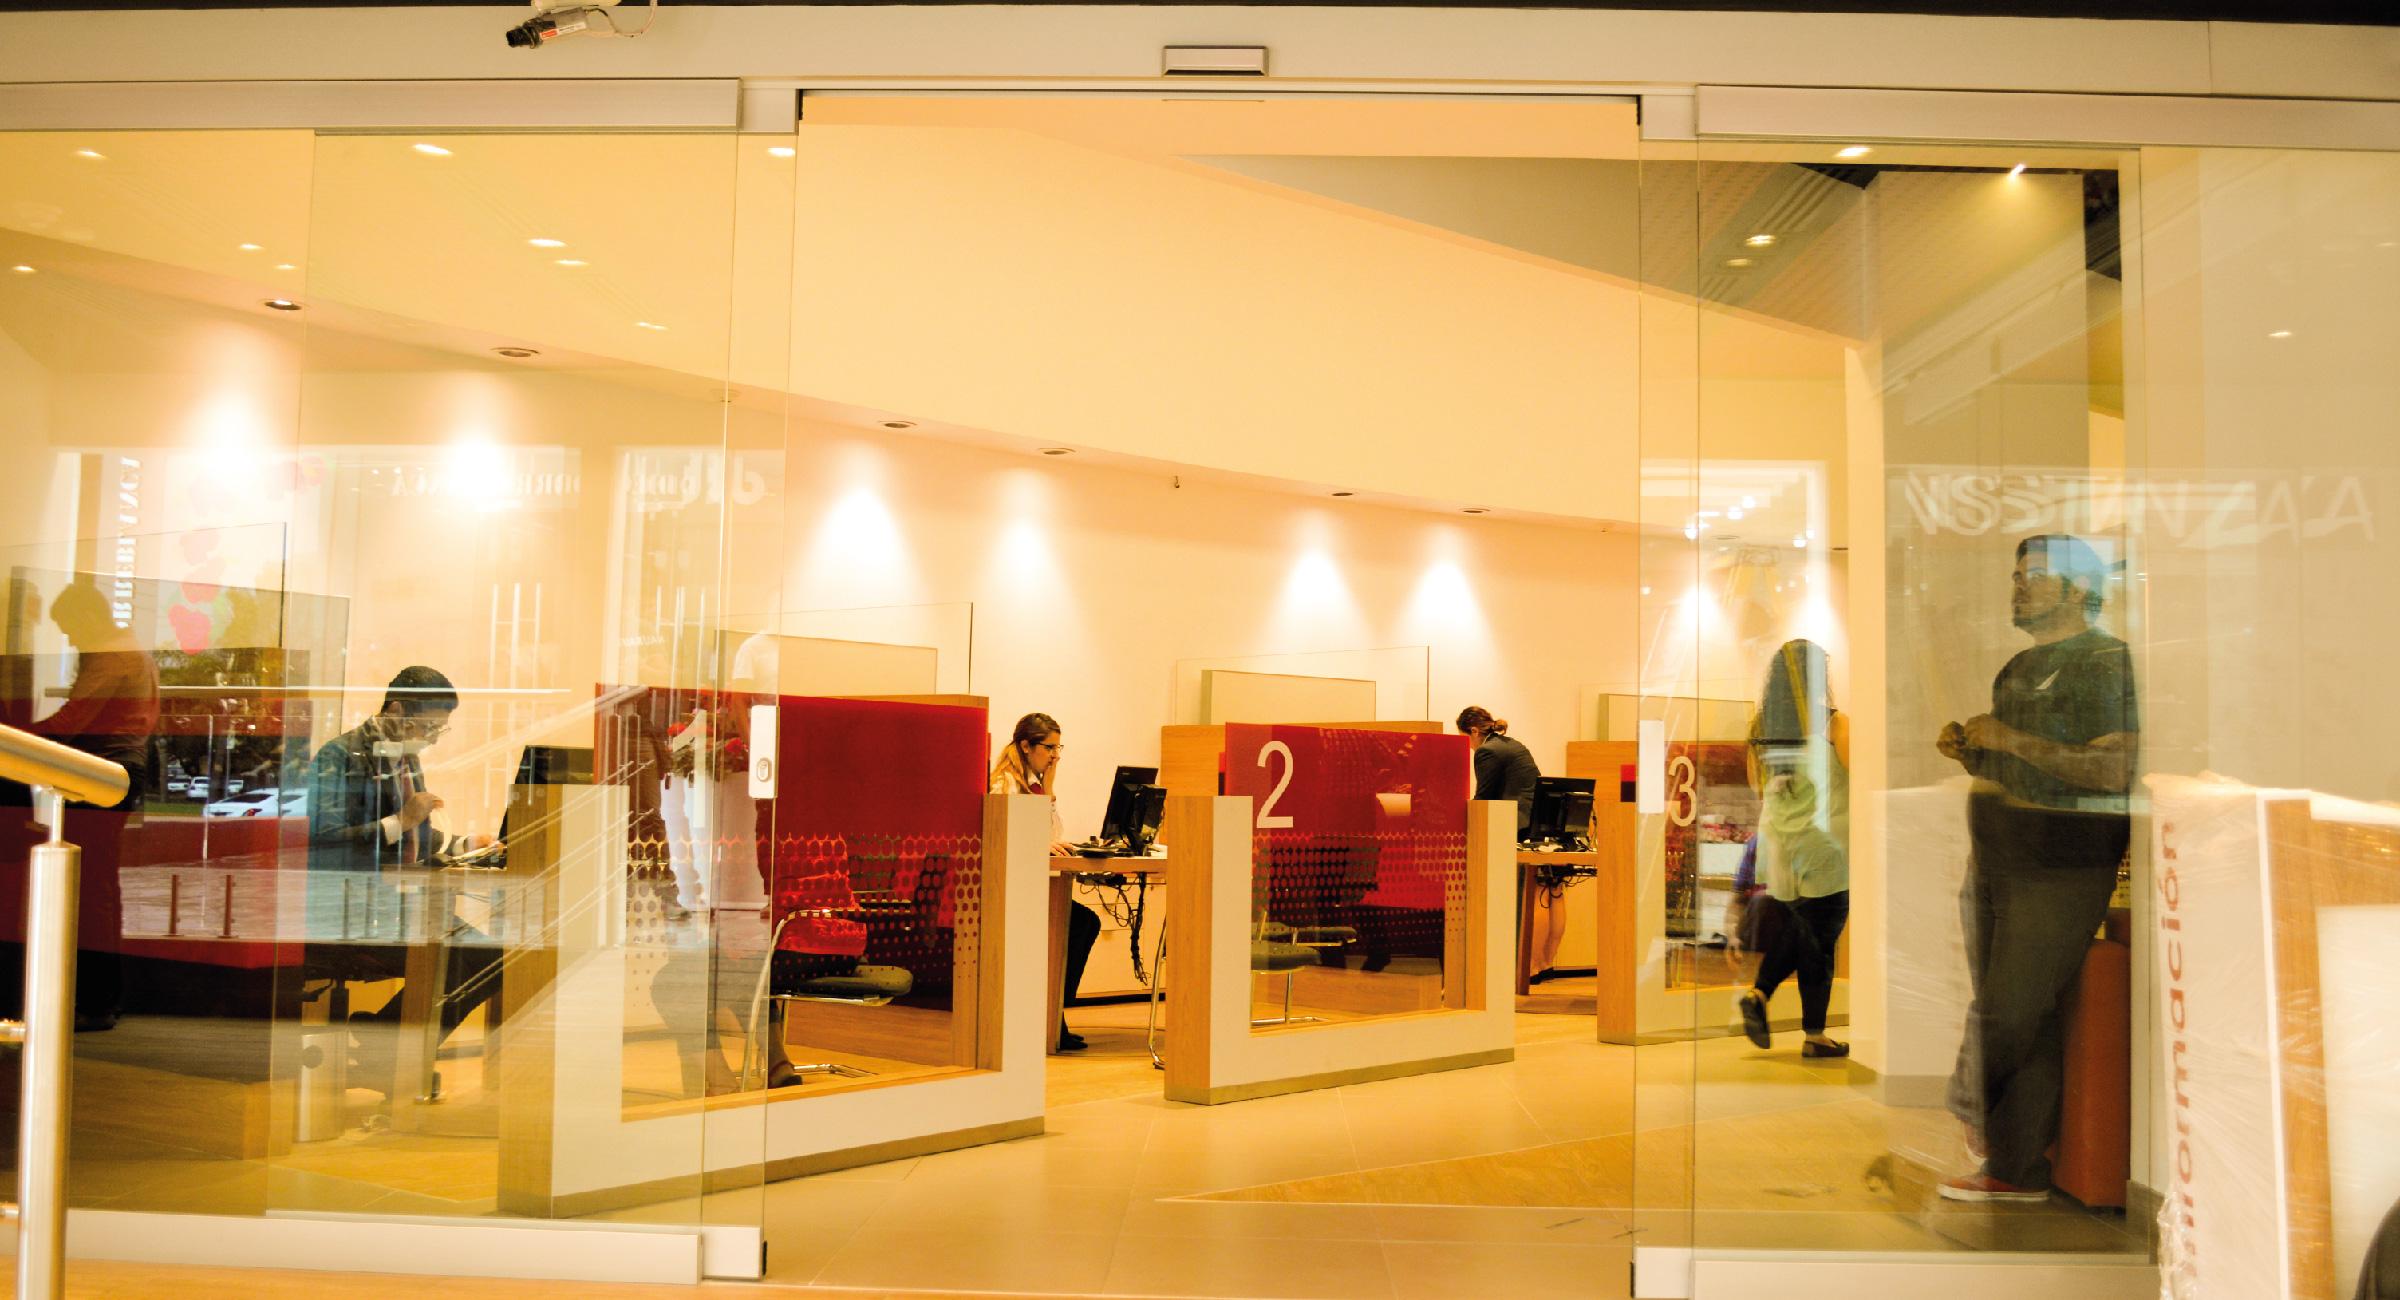 Puerta Automática de Cristal en Banco Santander Guadalajara